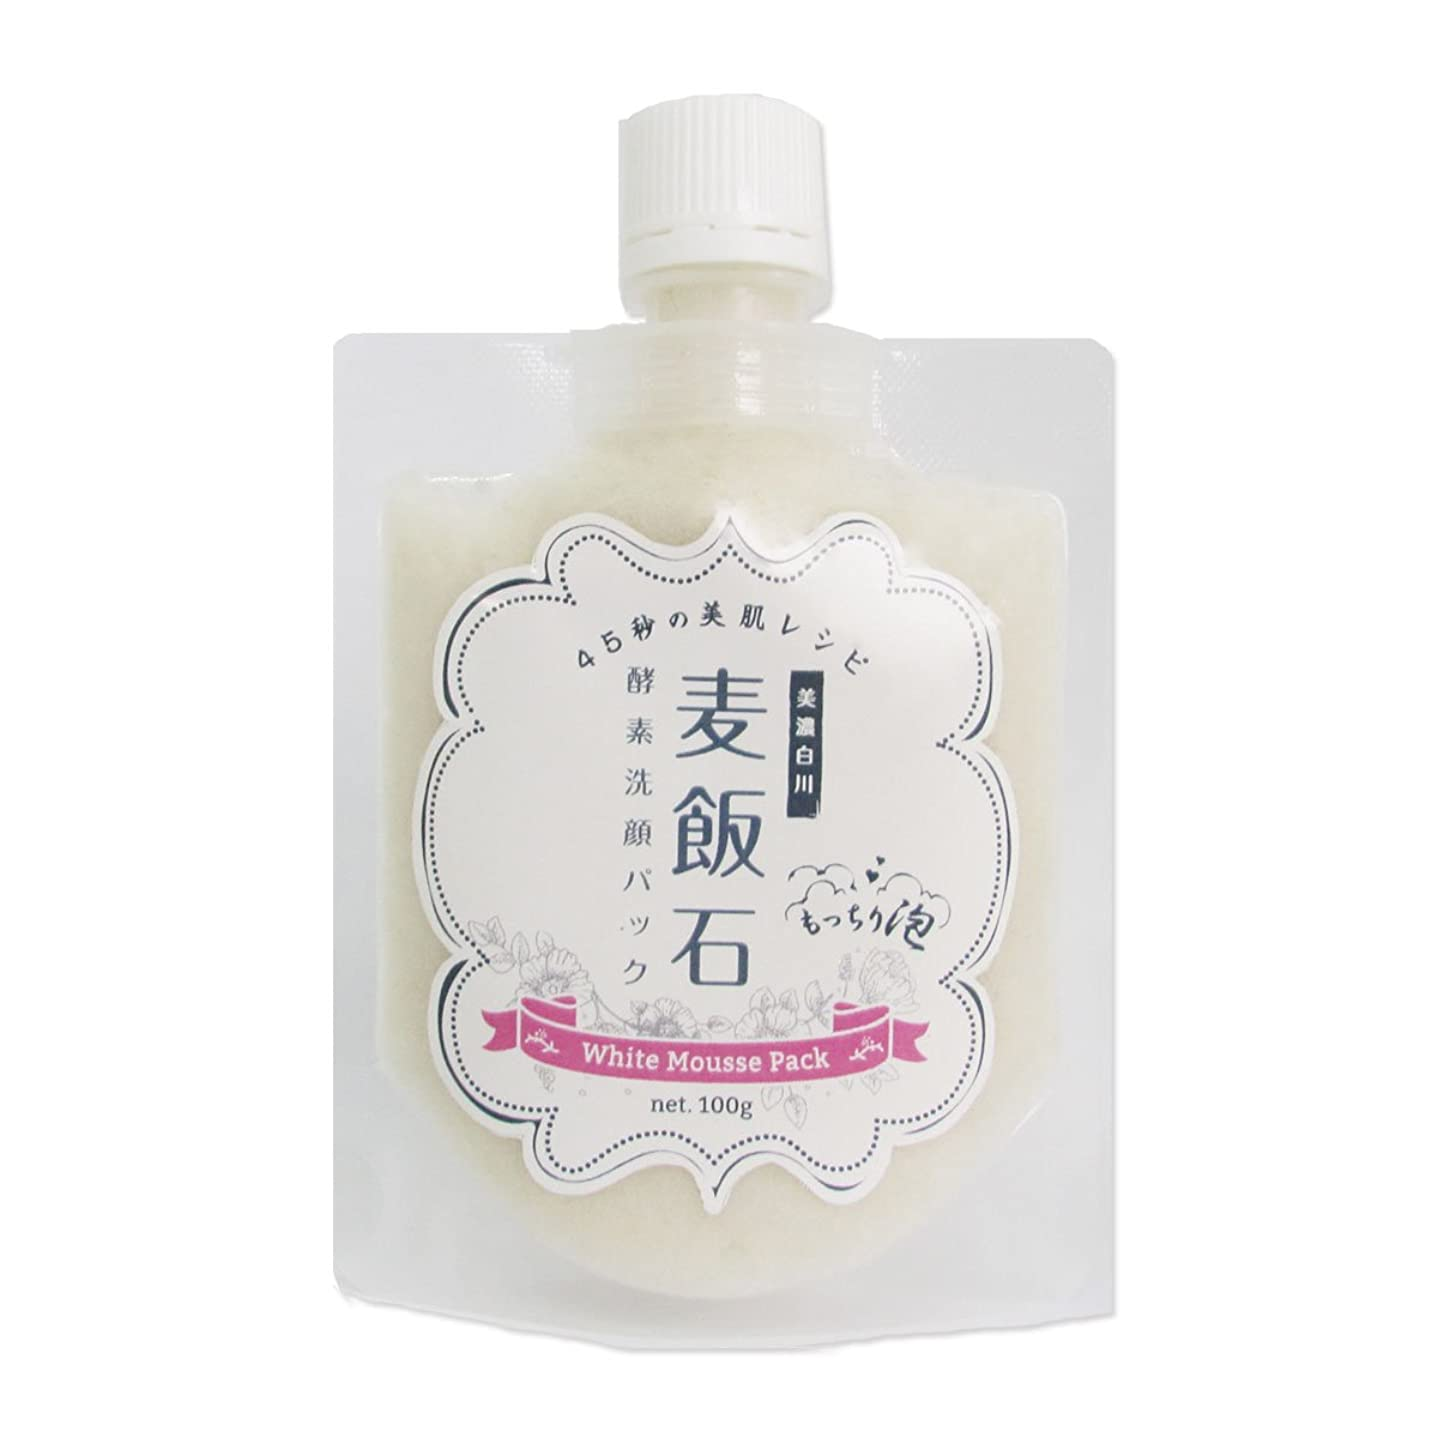 ギネス真似るトランジスタシミ 洗顔 泡 洗顔フォーム ホワイトムースパック